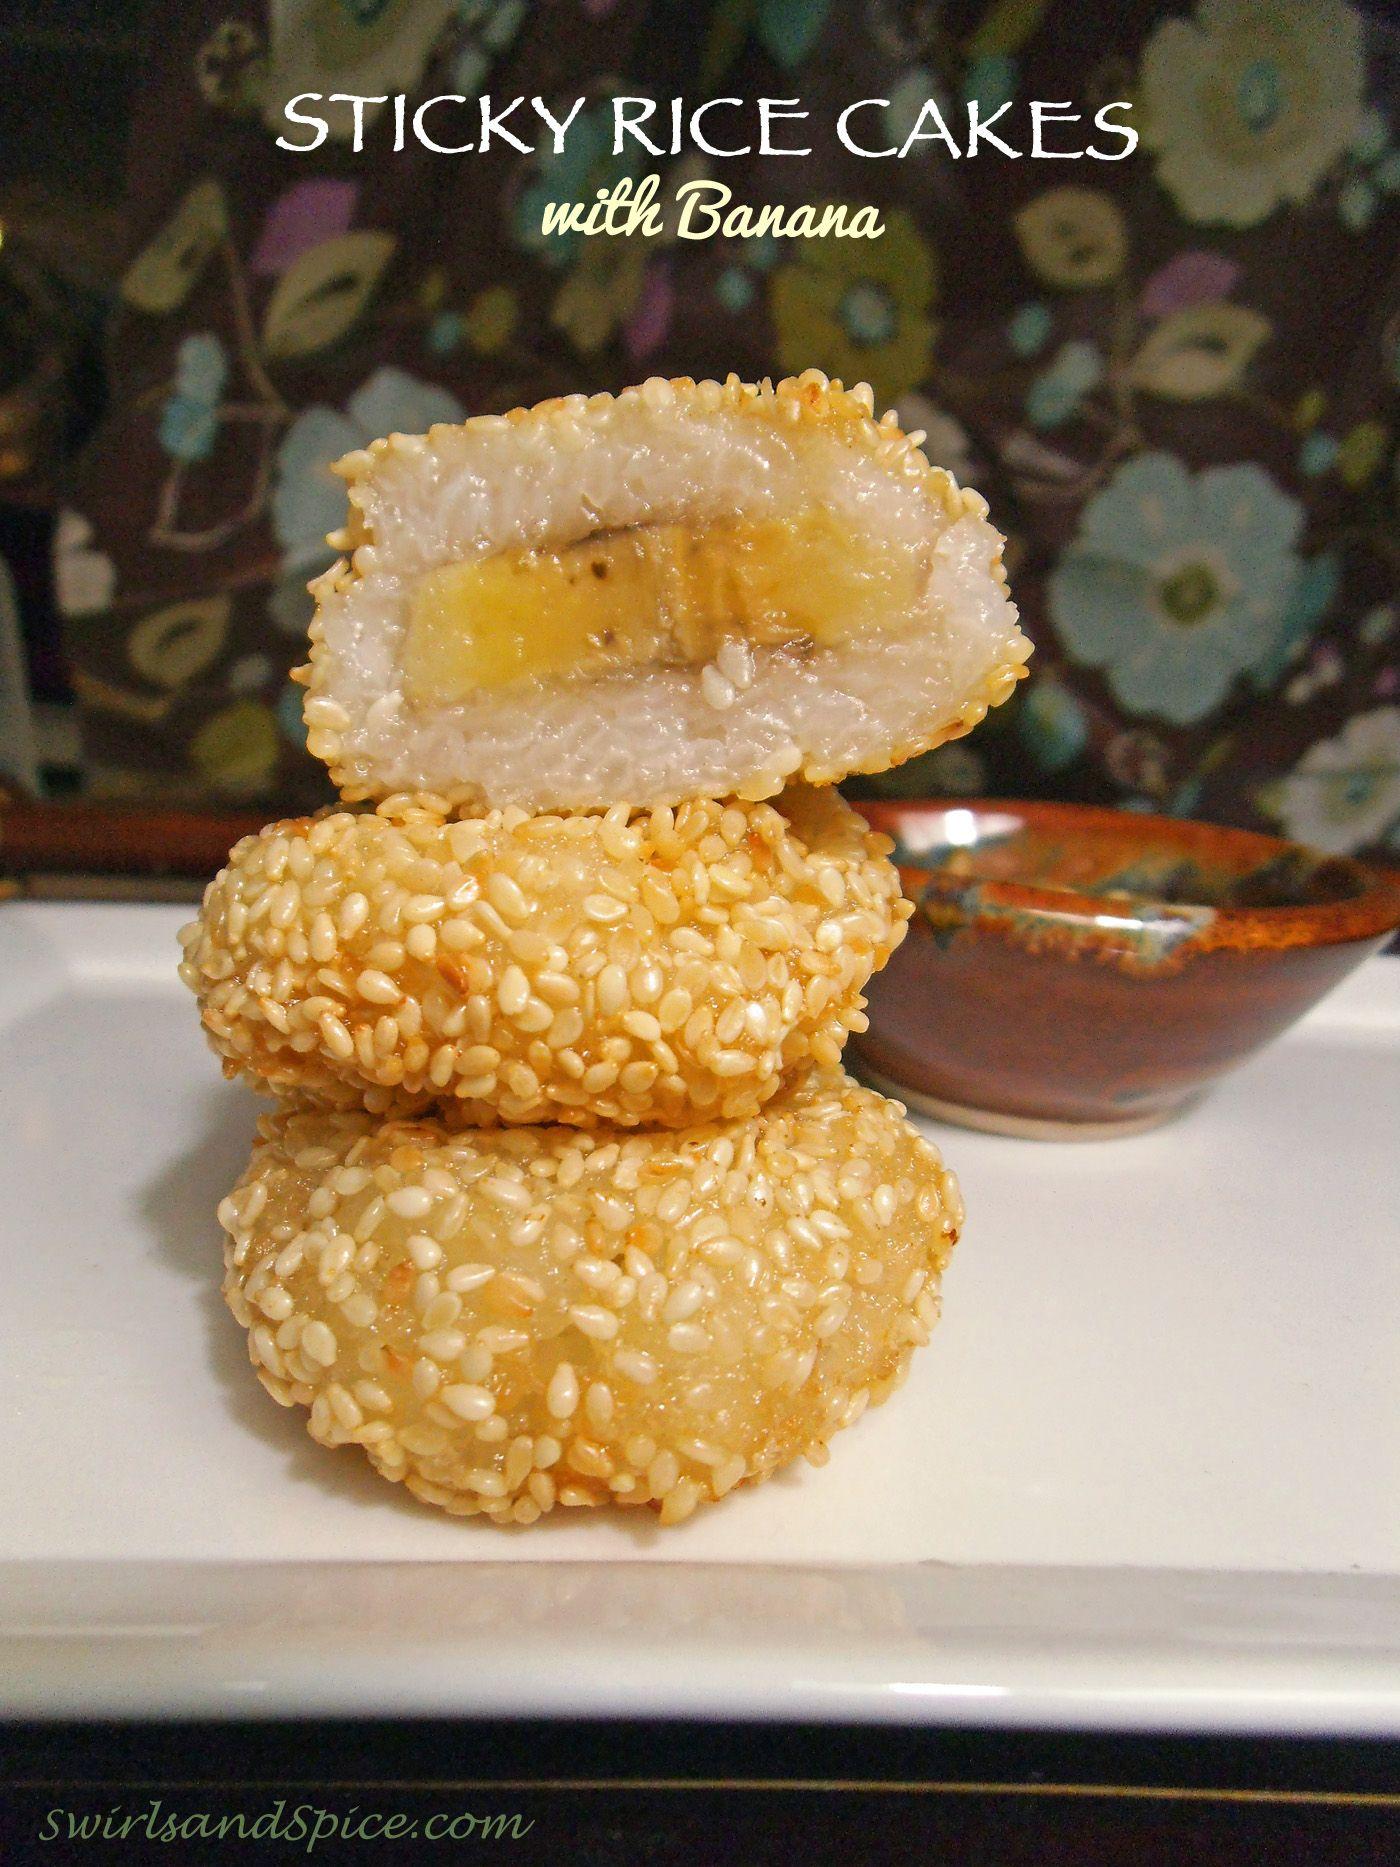 Sticky Rice Cakes with Banana. ☀CQ #glutenfree #sweets #treats